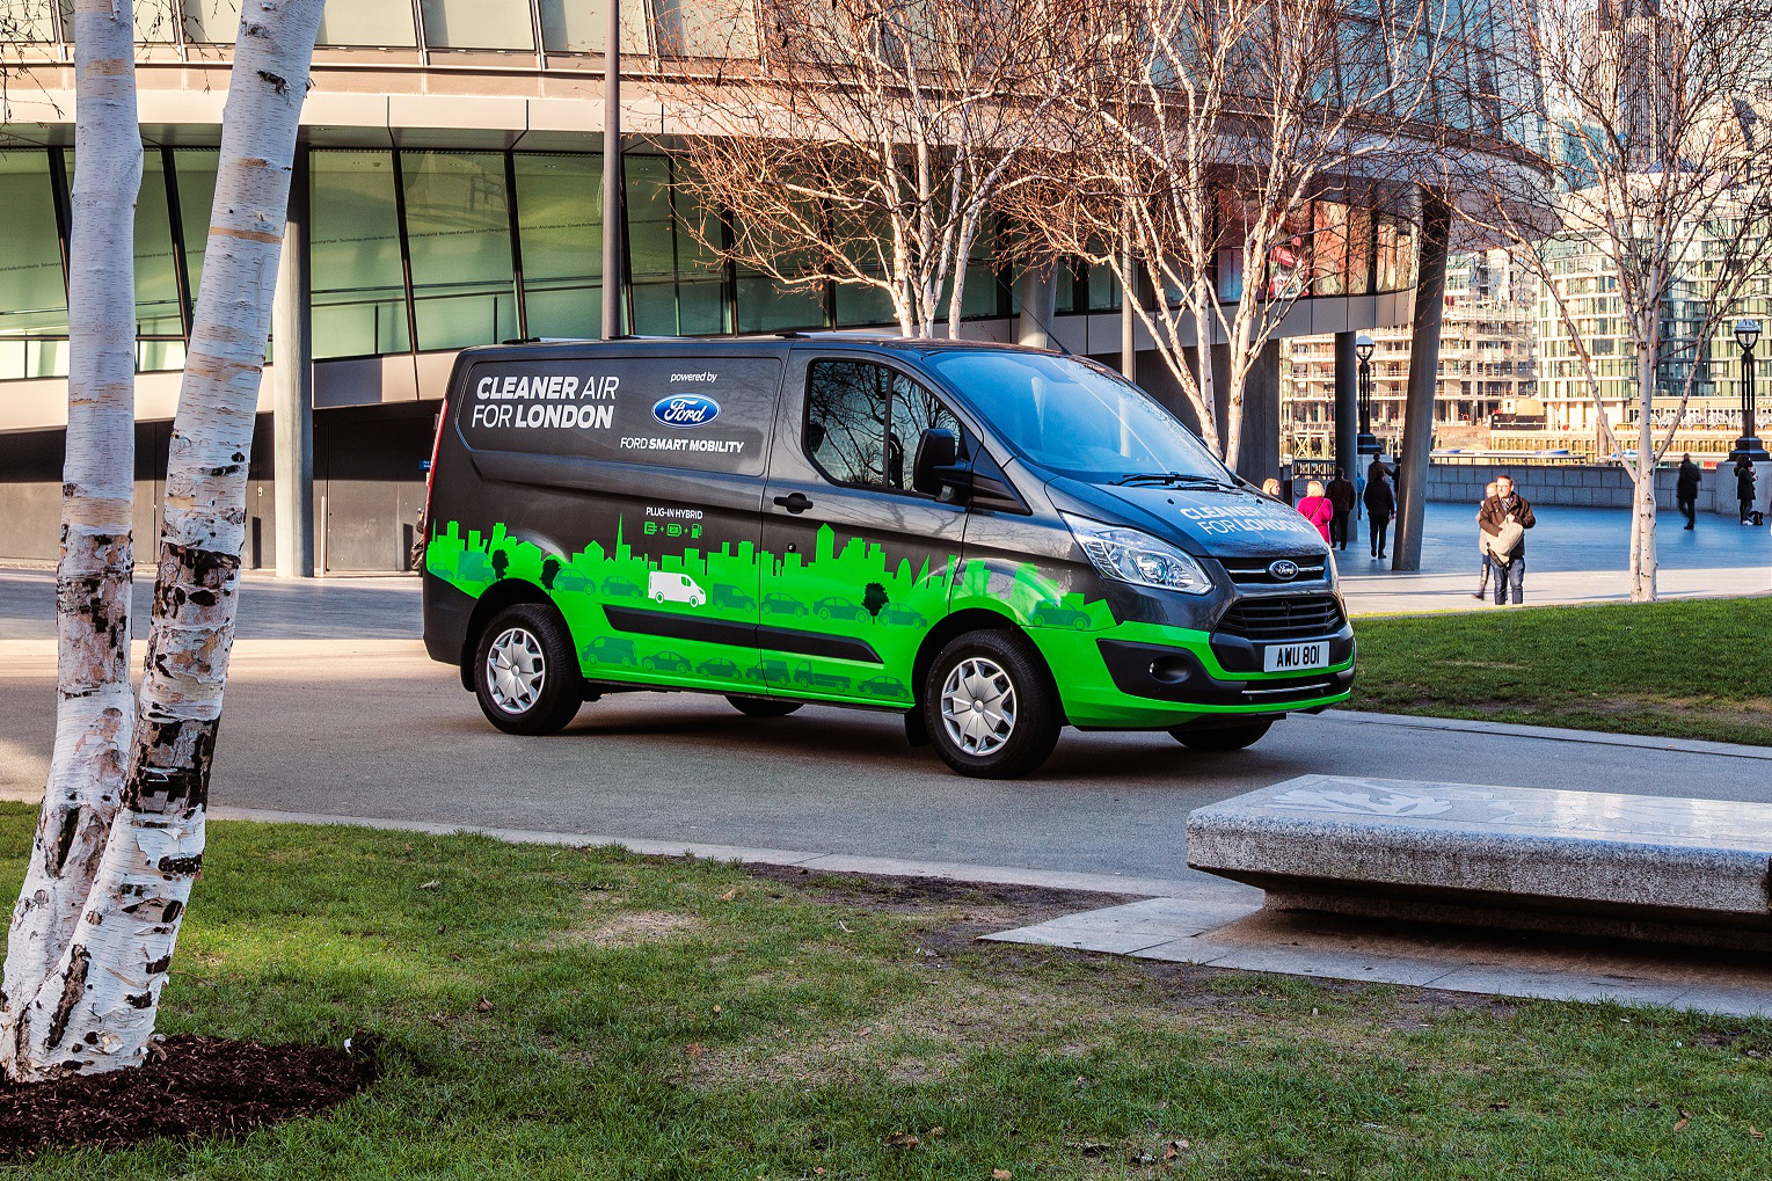 mid Groß-Gerau - Grüner Transporter: Mit 20 Transit Custom mit Hybrid-Antrieb unterstützt Ford ein Projekt zur Verbesserung der Luftqualität in London.